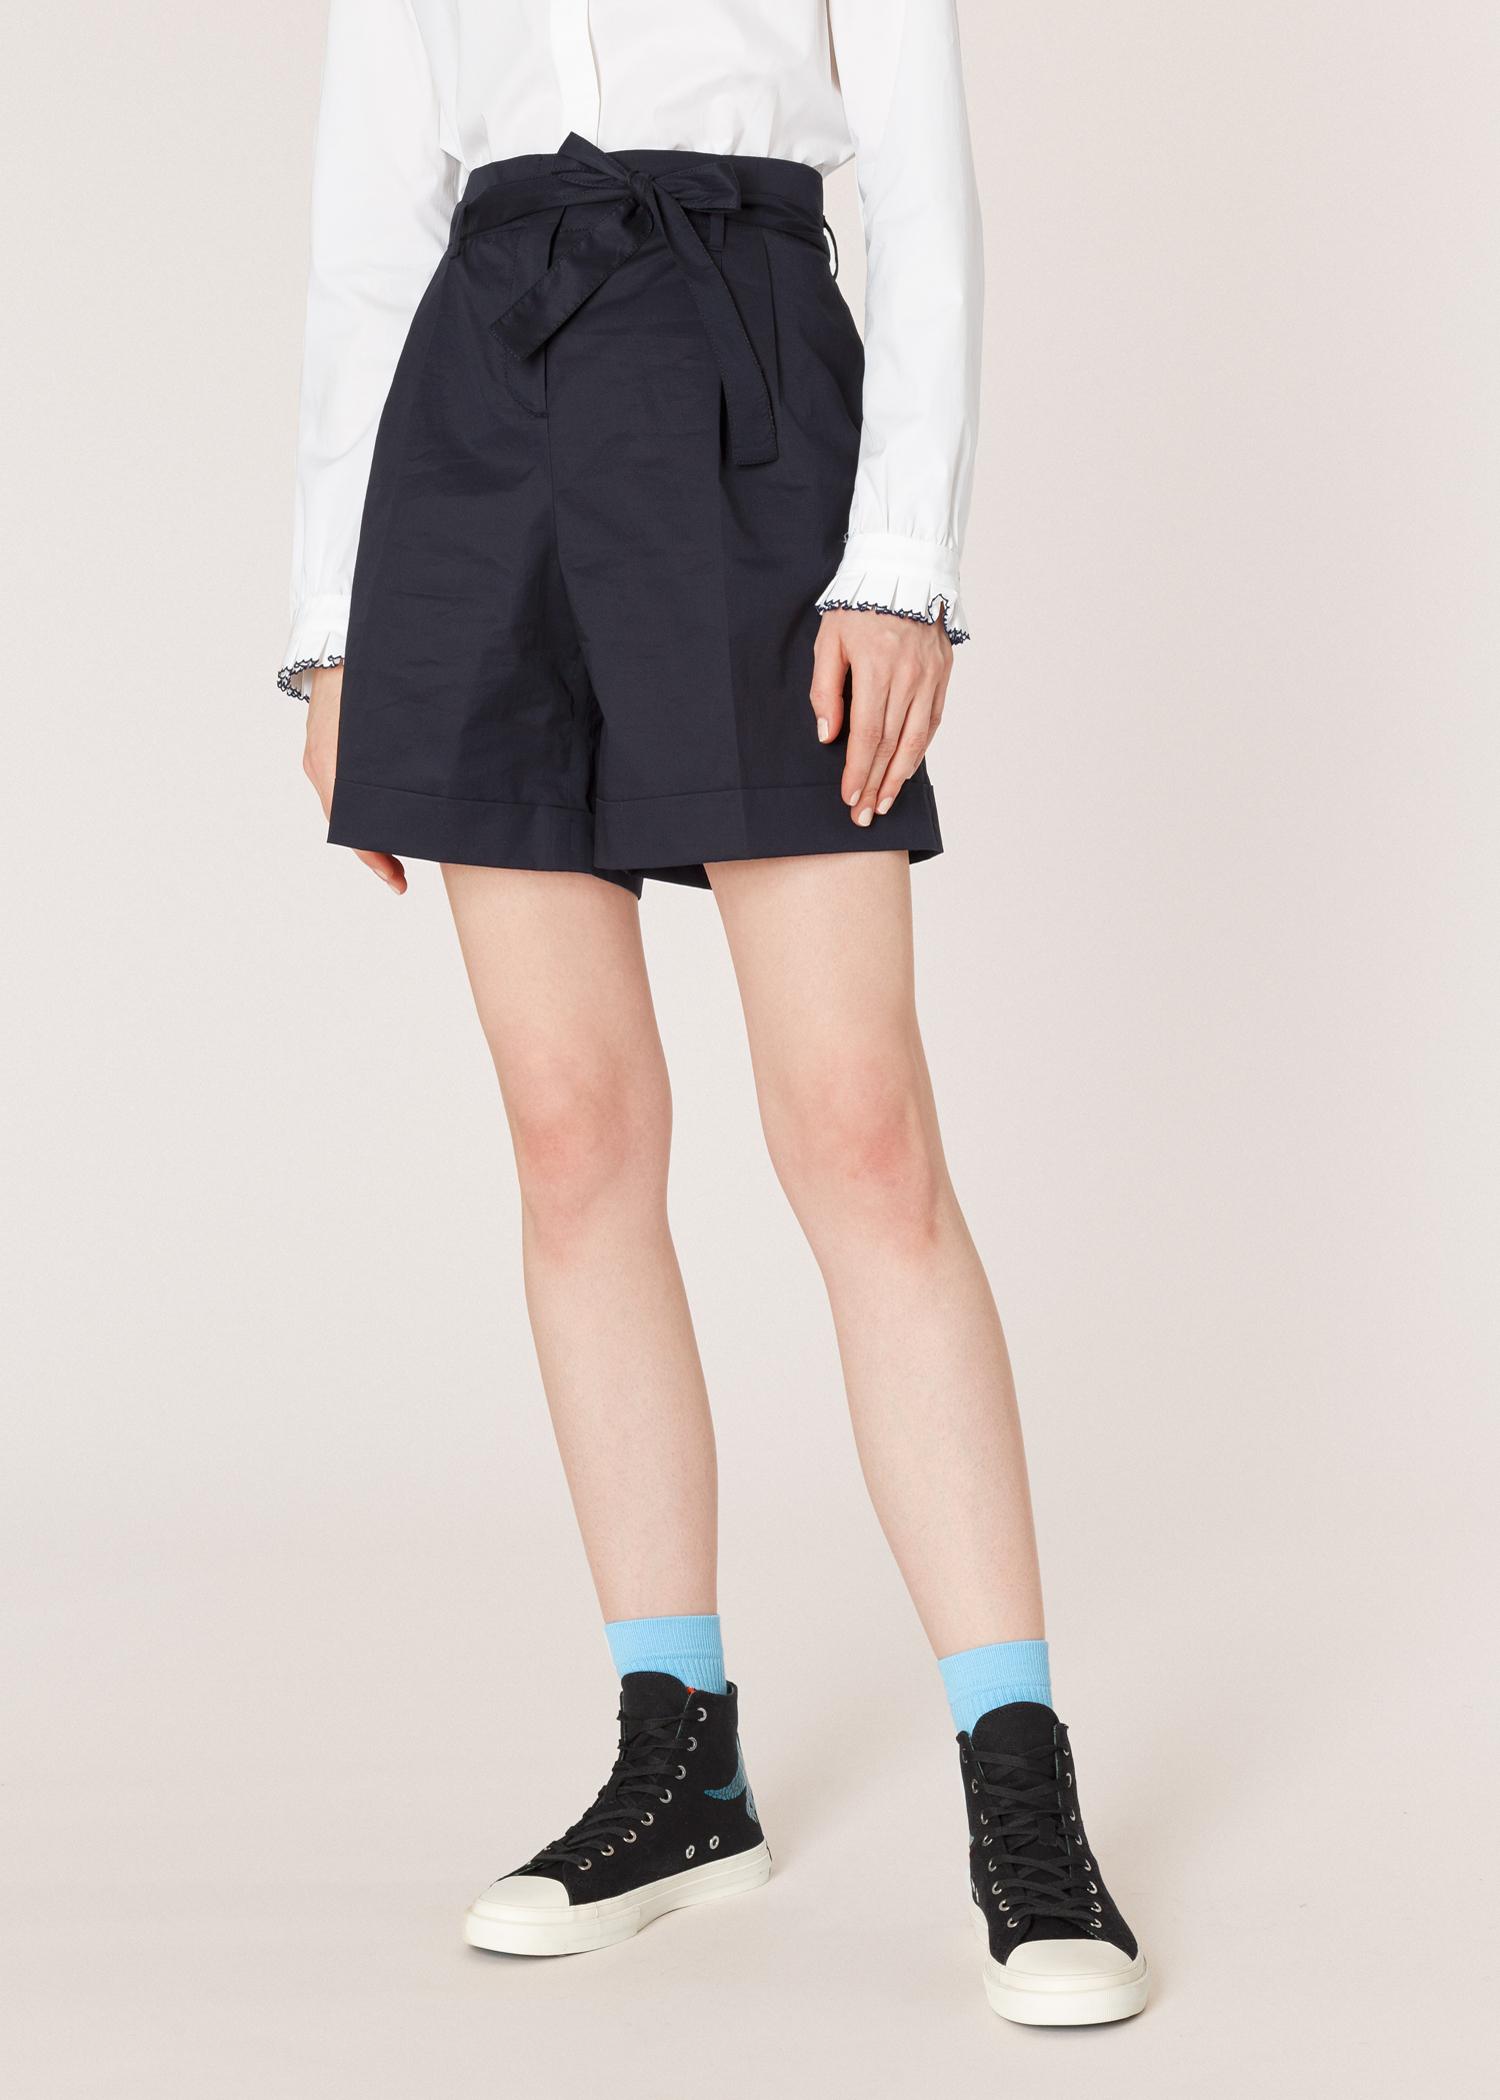 Vue mannequin face zoom - Short Femme Bleu Marine Foncé Plissé Avec  Ceinture En Popeline De 3f4605b8ac3